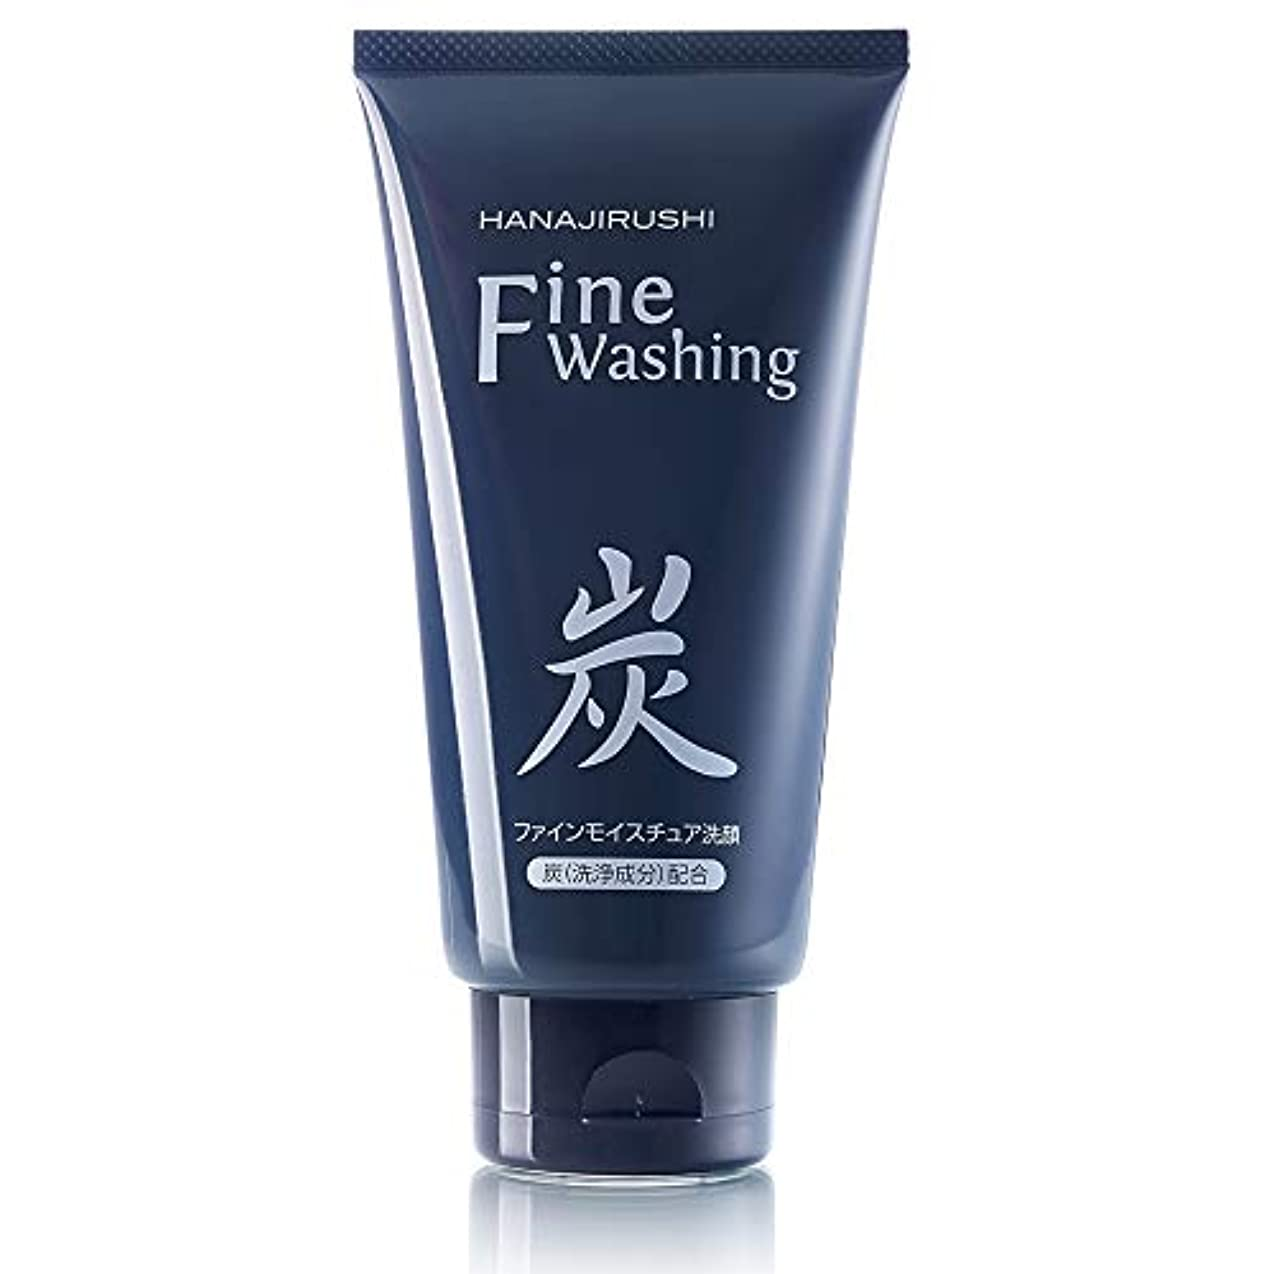 外交問題急いで結晶花印備長炭洗顔フォーム120g「皮脂汚れ対策」オイルコントロール 男女兼用